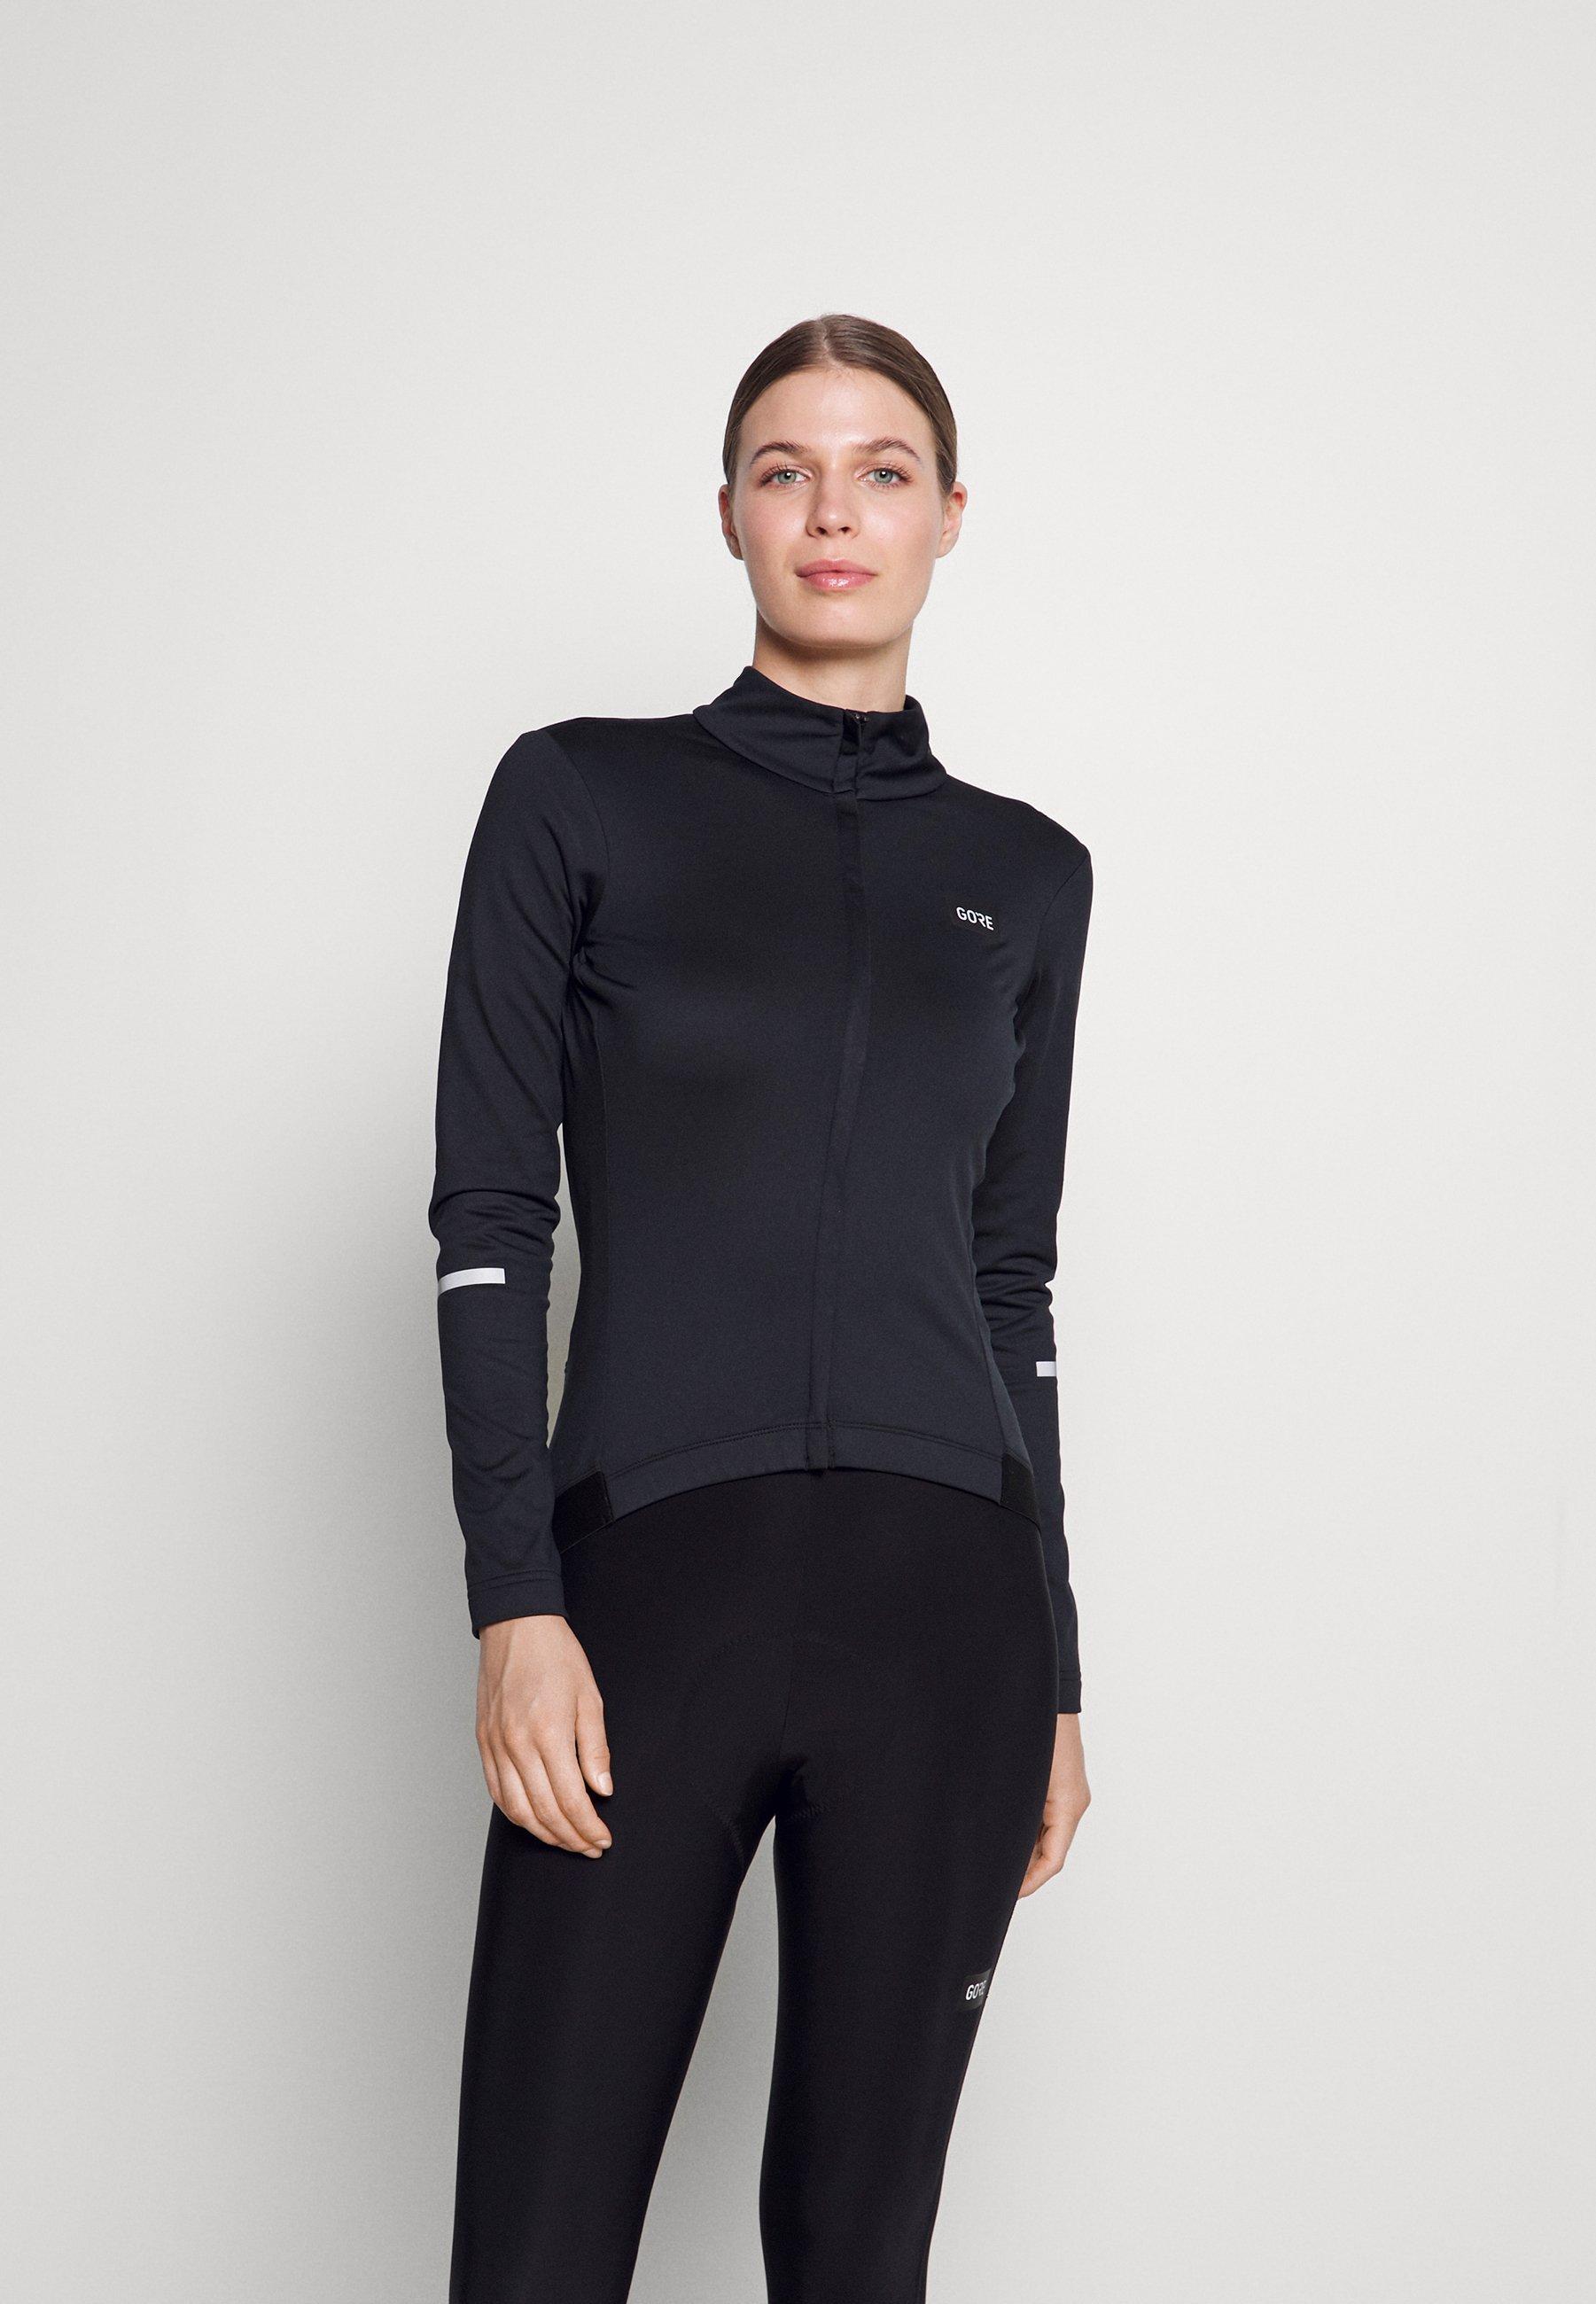 Women GORE® WEAR PROGRESS THERMO WOMENS - Training jacket